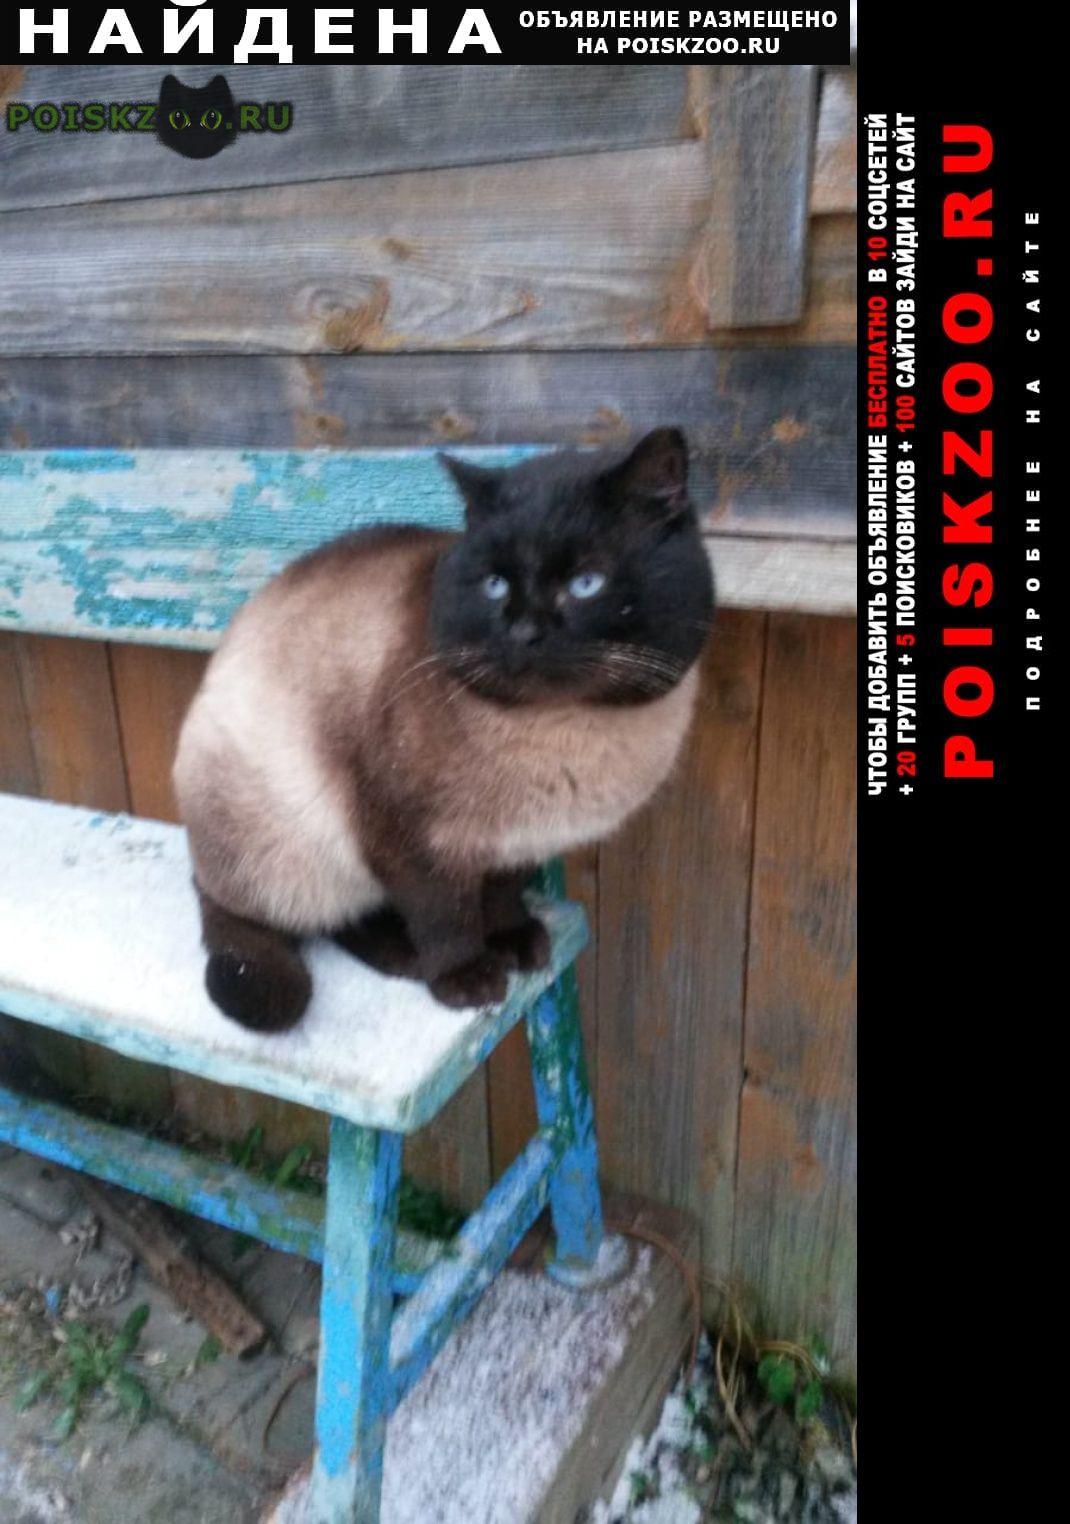 Найден кот ищем новых или старых хозяев Вербилки